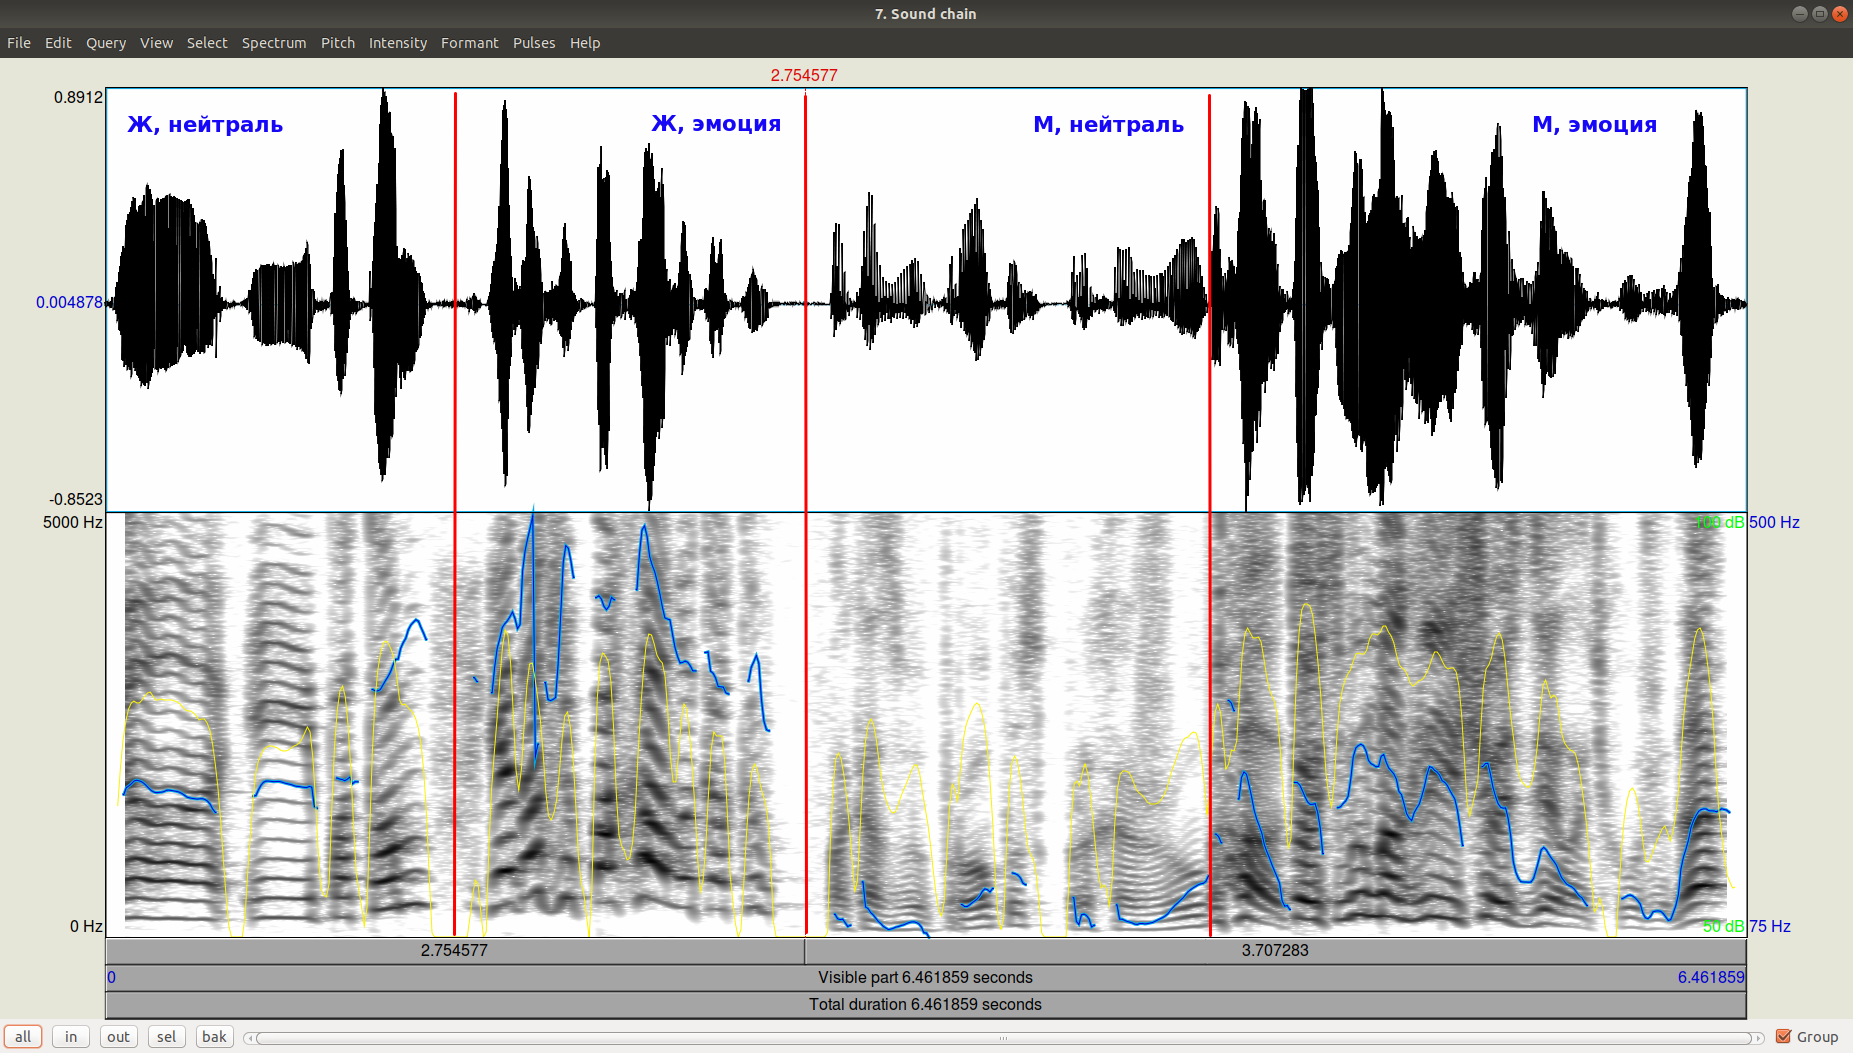 Pitch-tracking, или определение частоты основного тона в речи, на примерах алгоритмов Praat, YAAPT и YIN - 3